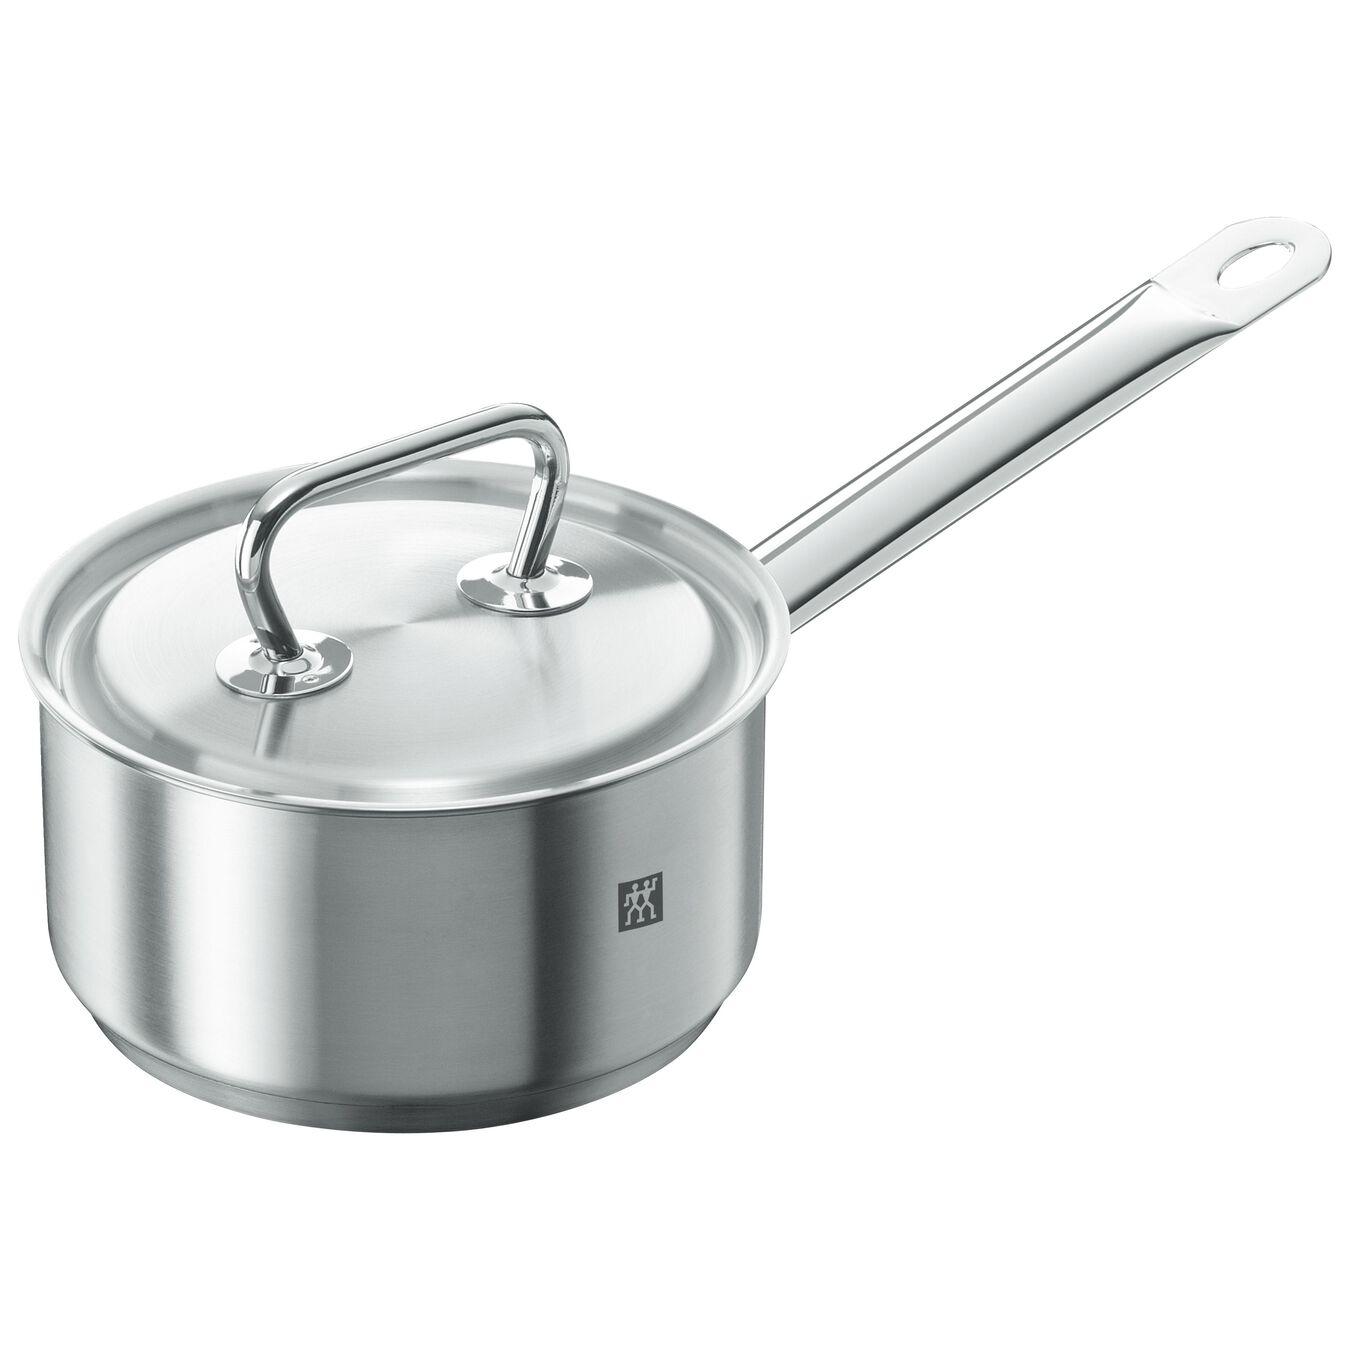 Ensemble de casseroles 4-pcs, Inox 18/10,,large 11